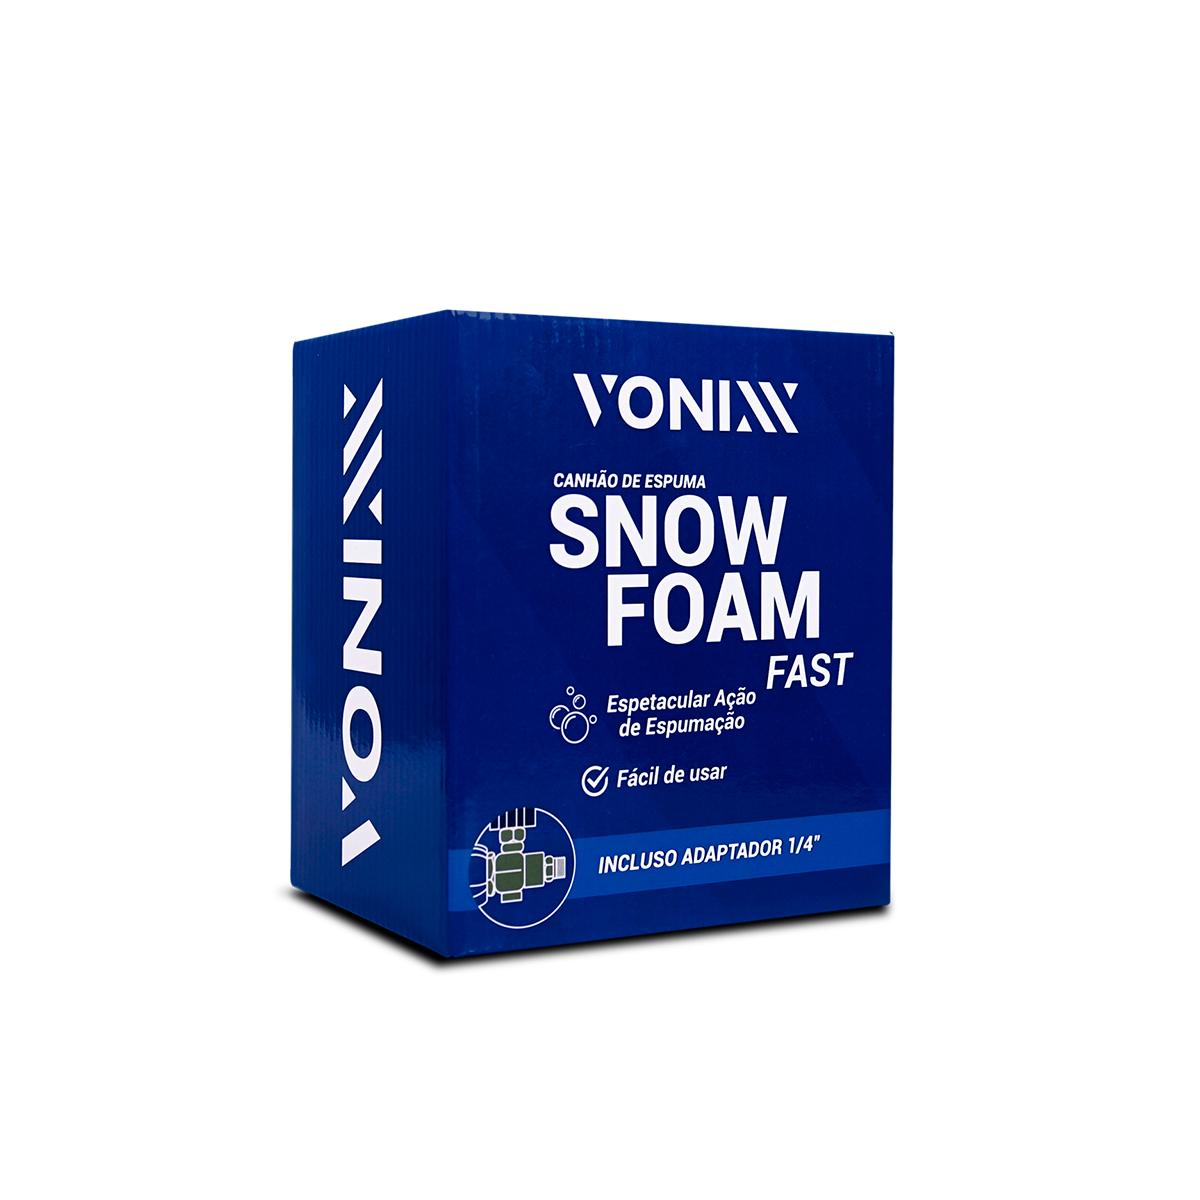 Snow Foam Fast ( Canhão de Espuma ) - Vonixx